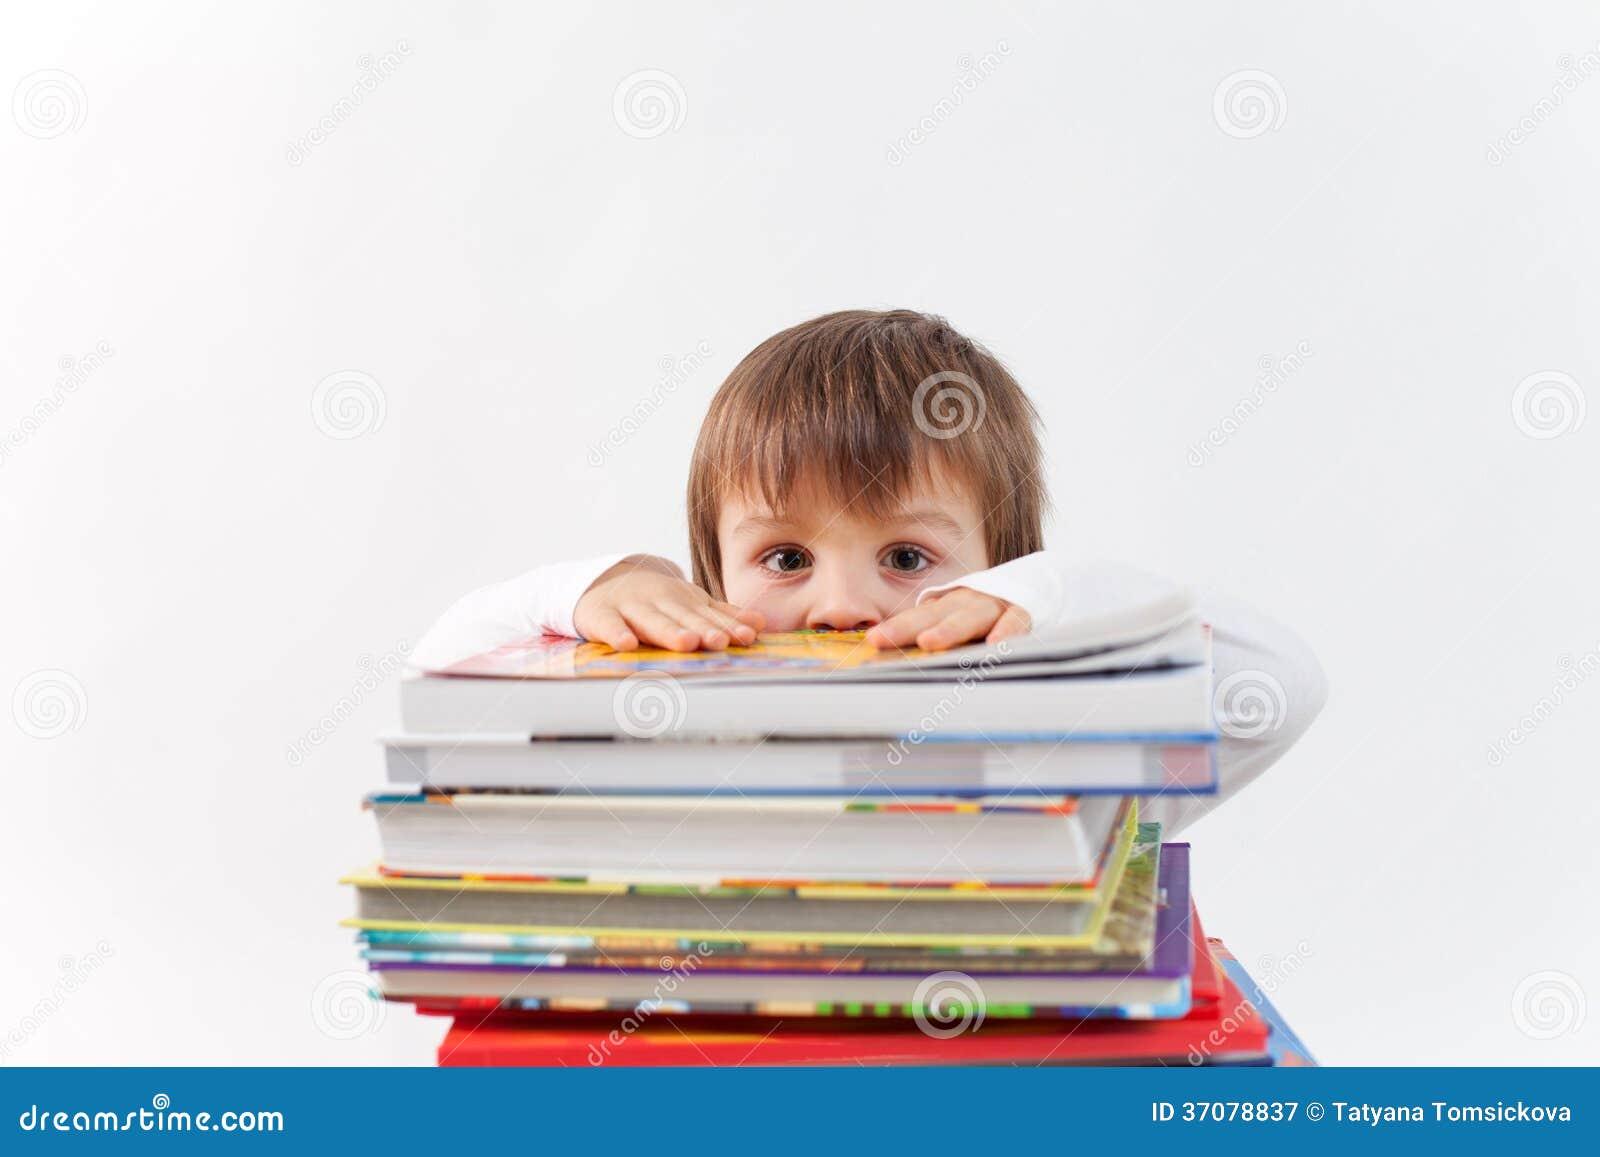 Download Chłopiec z stosem książki obraz stock. Obraz złożonej z stos - 37078837